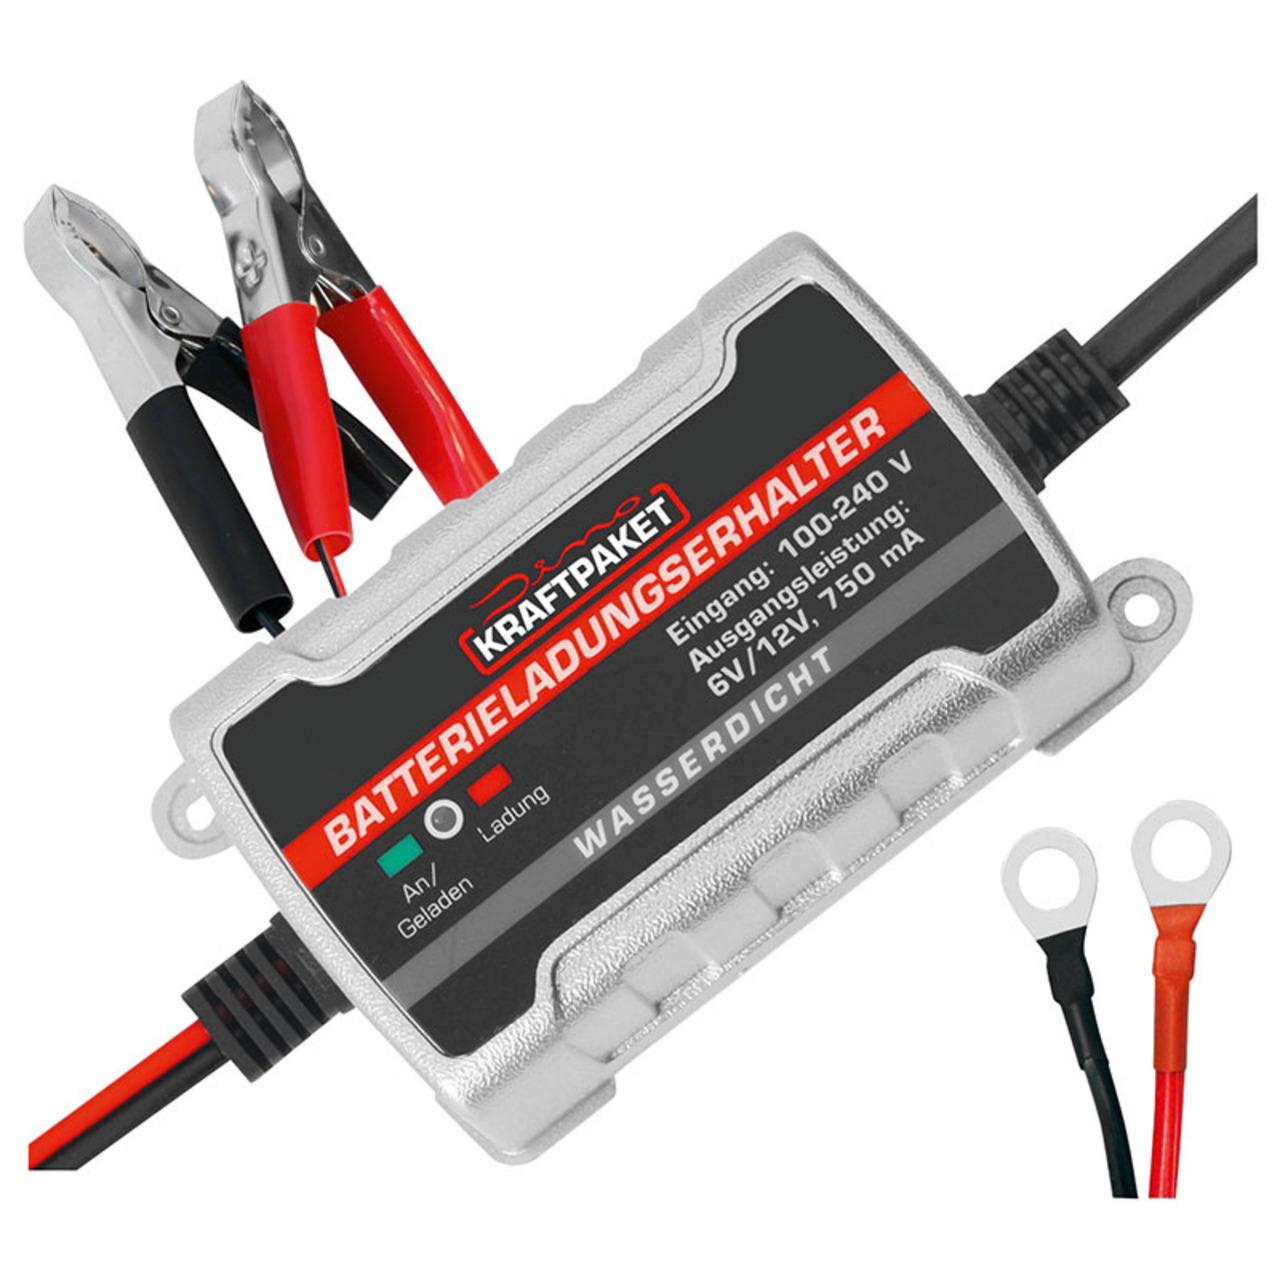 Dino Kraftpaket Erhaltungsladegerund-228 t fund-252 r Autobatterien- 6-12 V- 0-75 A